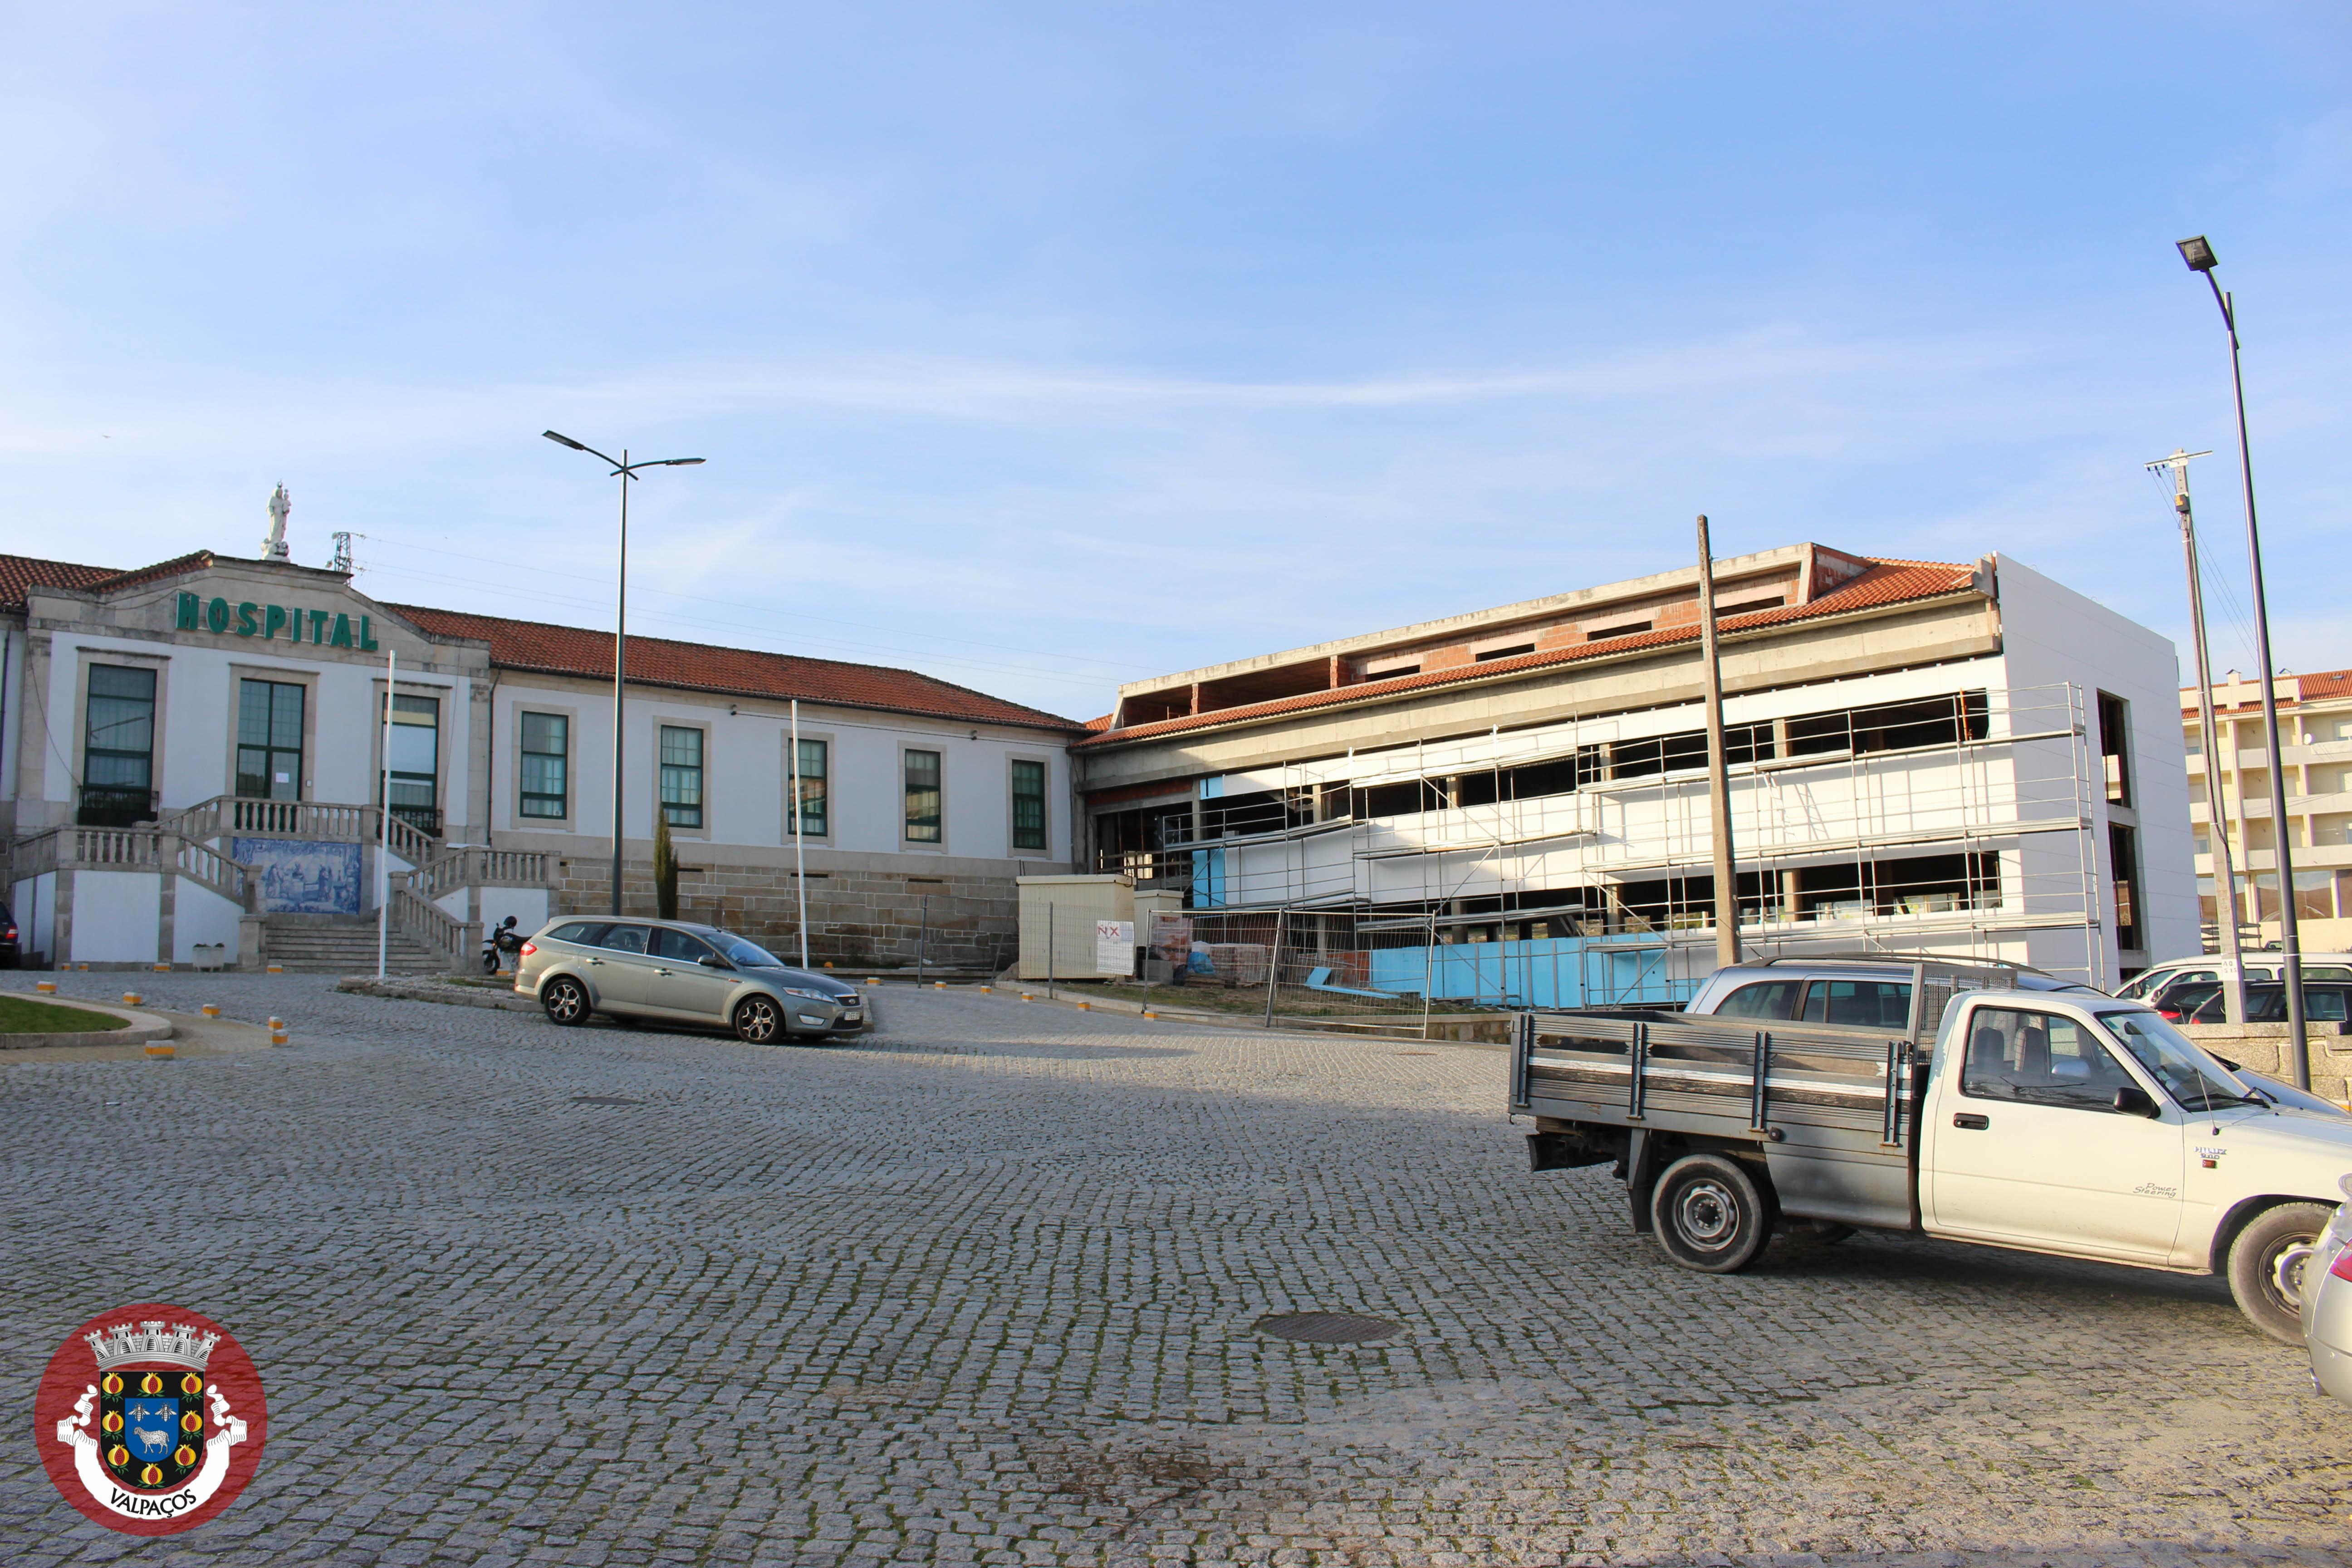 6 anos depois do encerramento, foi lançado um concurso público para remodelar e ampliar o hospital de Valpaços